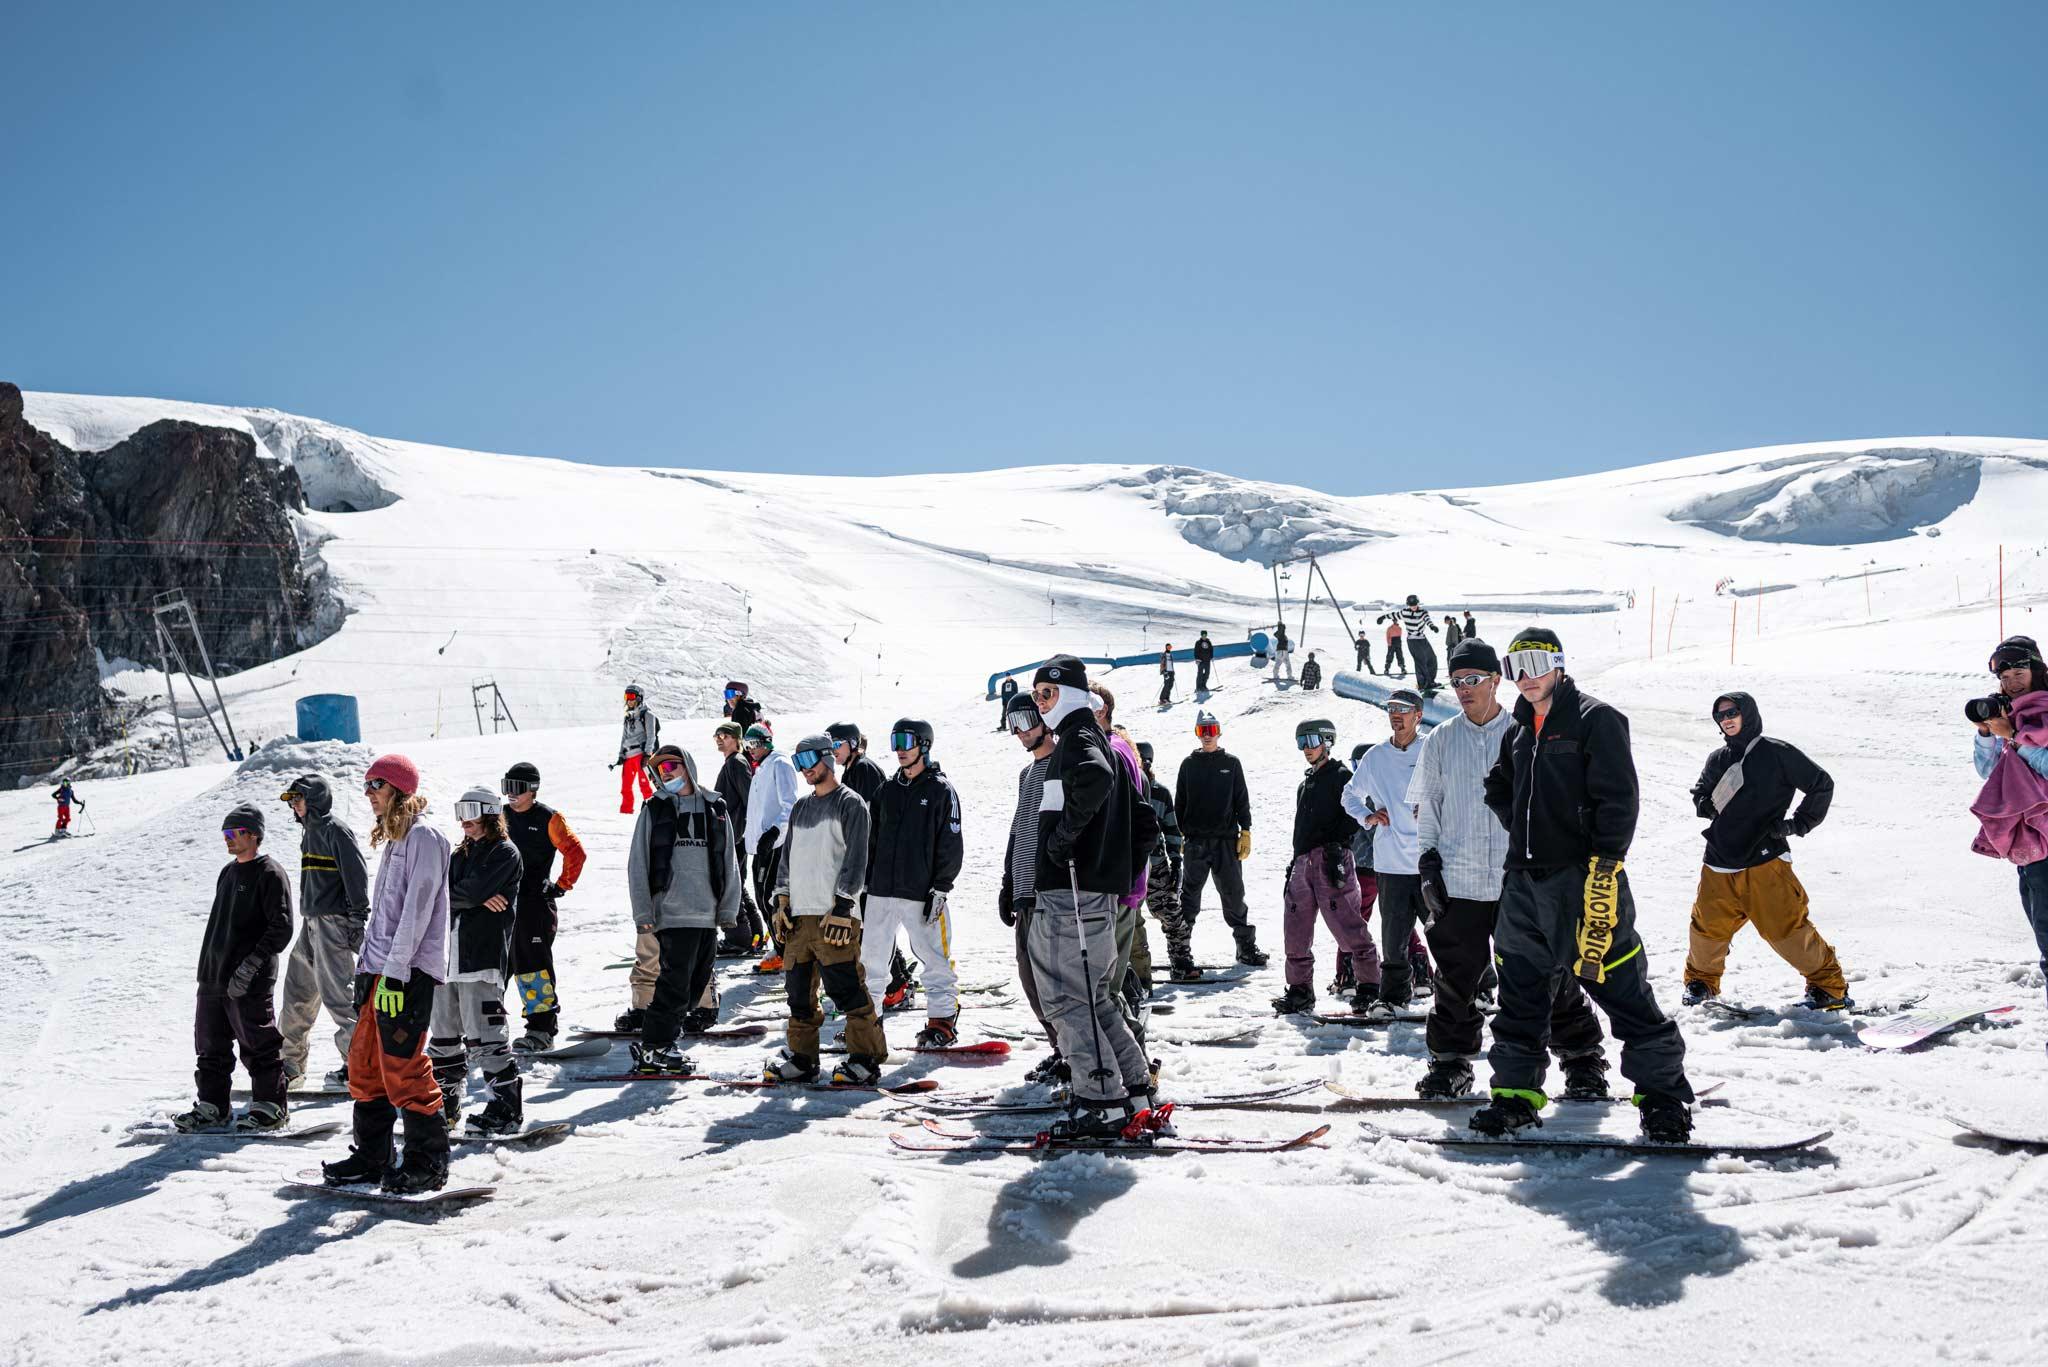 Cash4Tricks Session am letzten Wochenende im Snowpark Zermatt. - Foto: Snowpark Zermatt